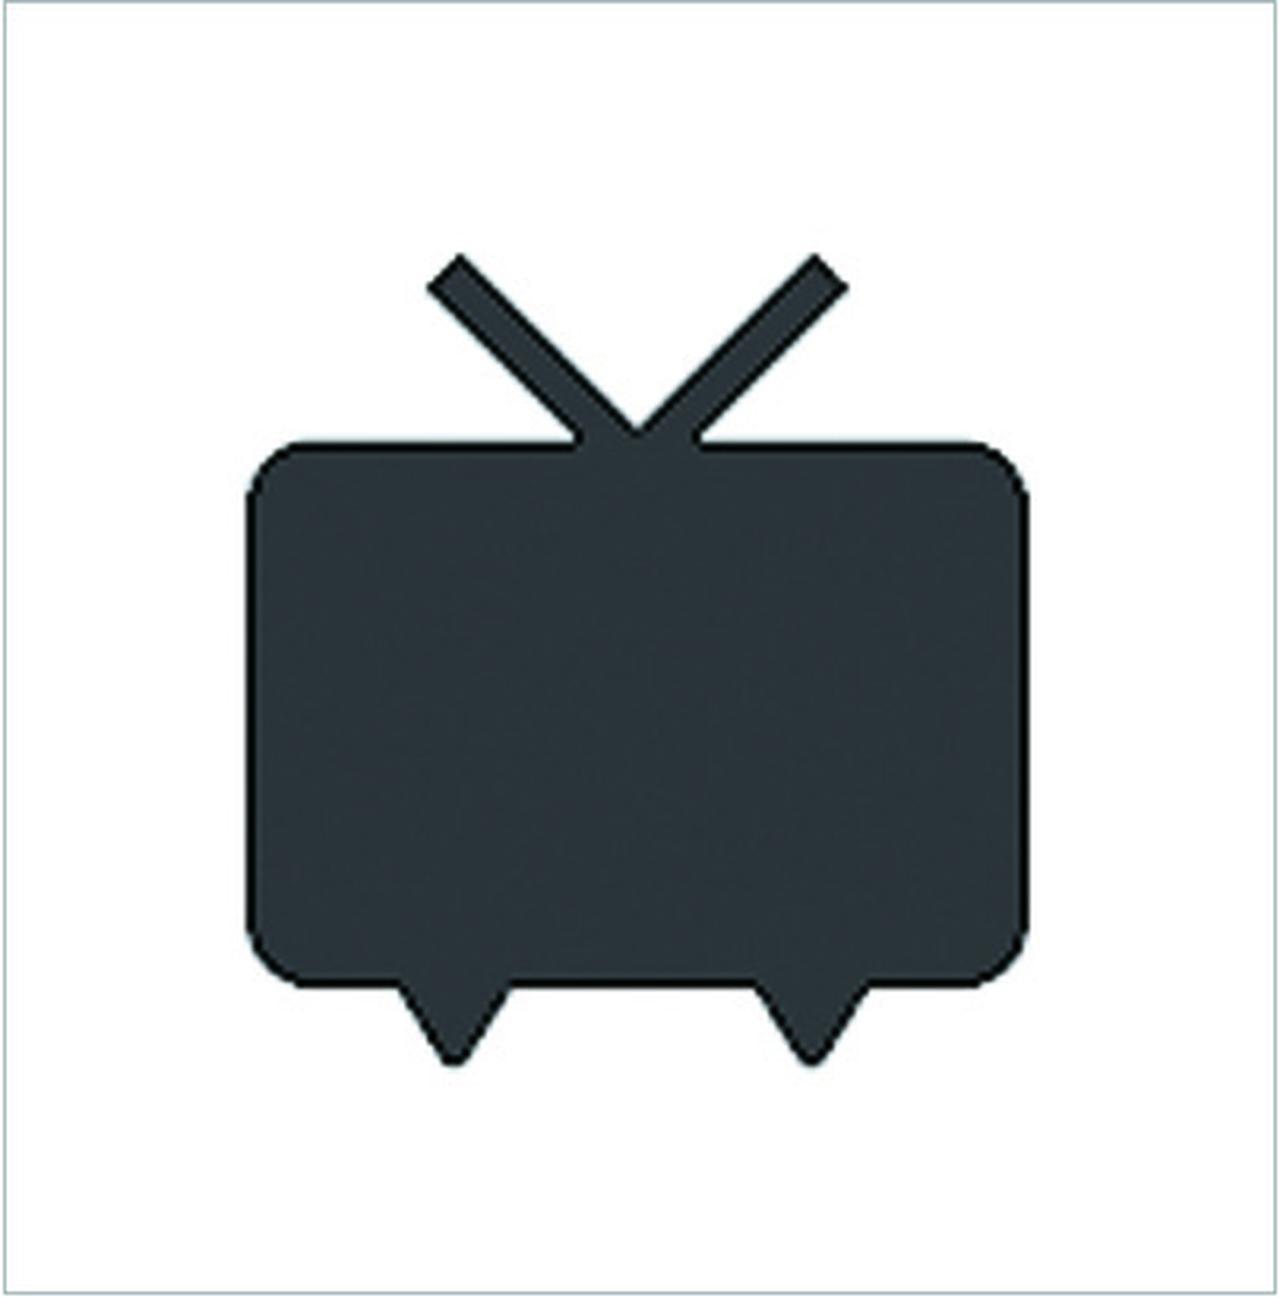 画像5: 【動画配信のおすすめ】無料&定額動画注目サービス6選!巣ごもり生活は自宅でエンタメ三昧